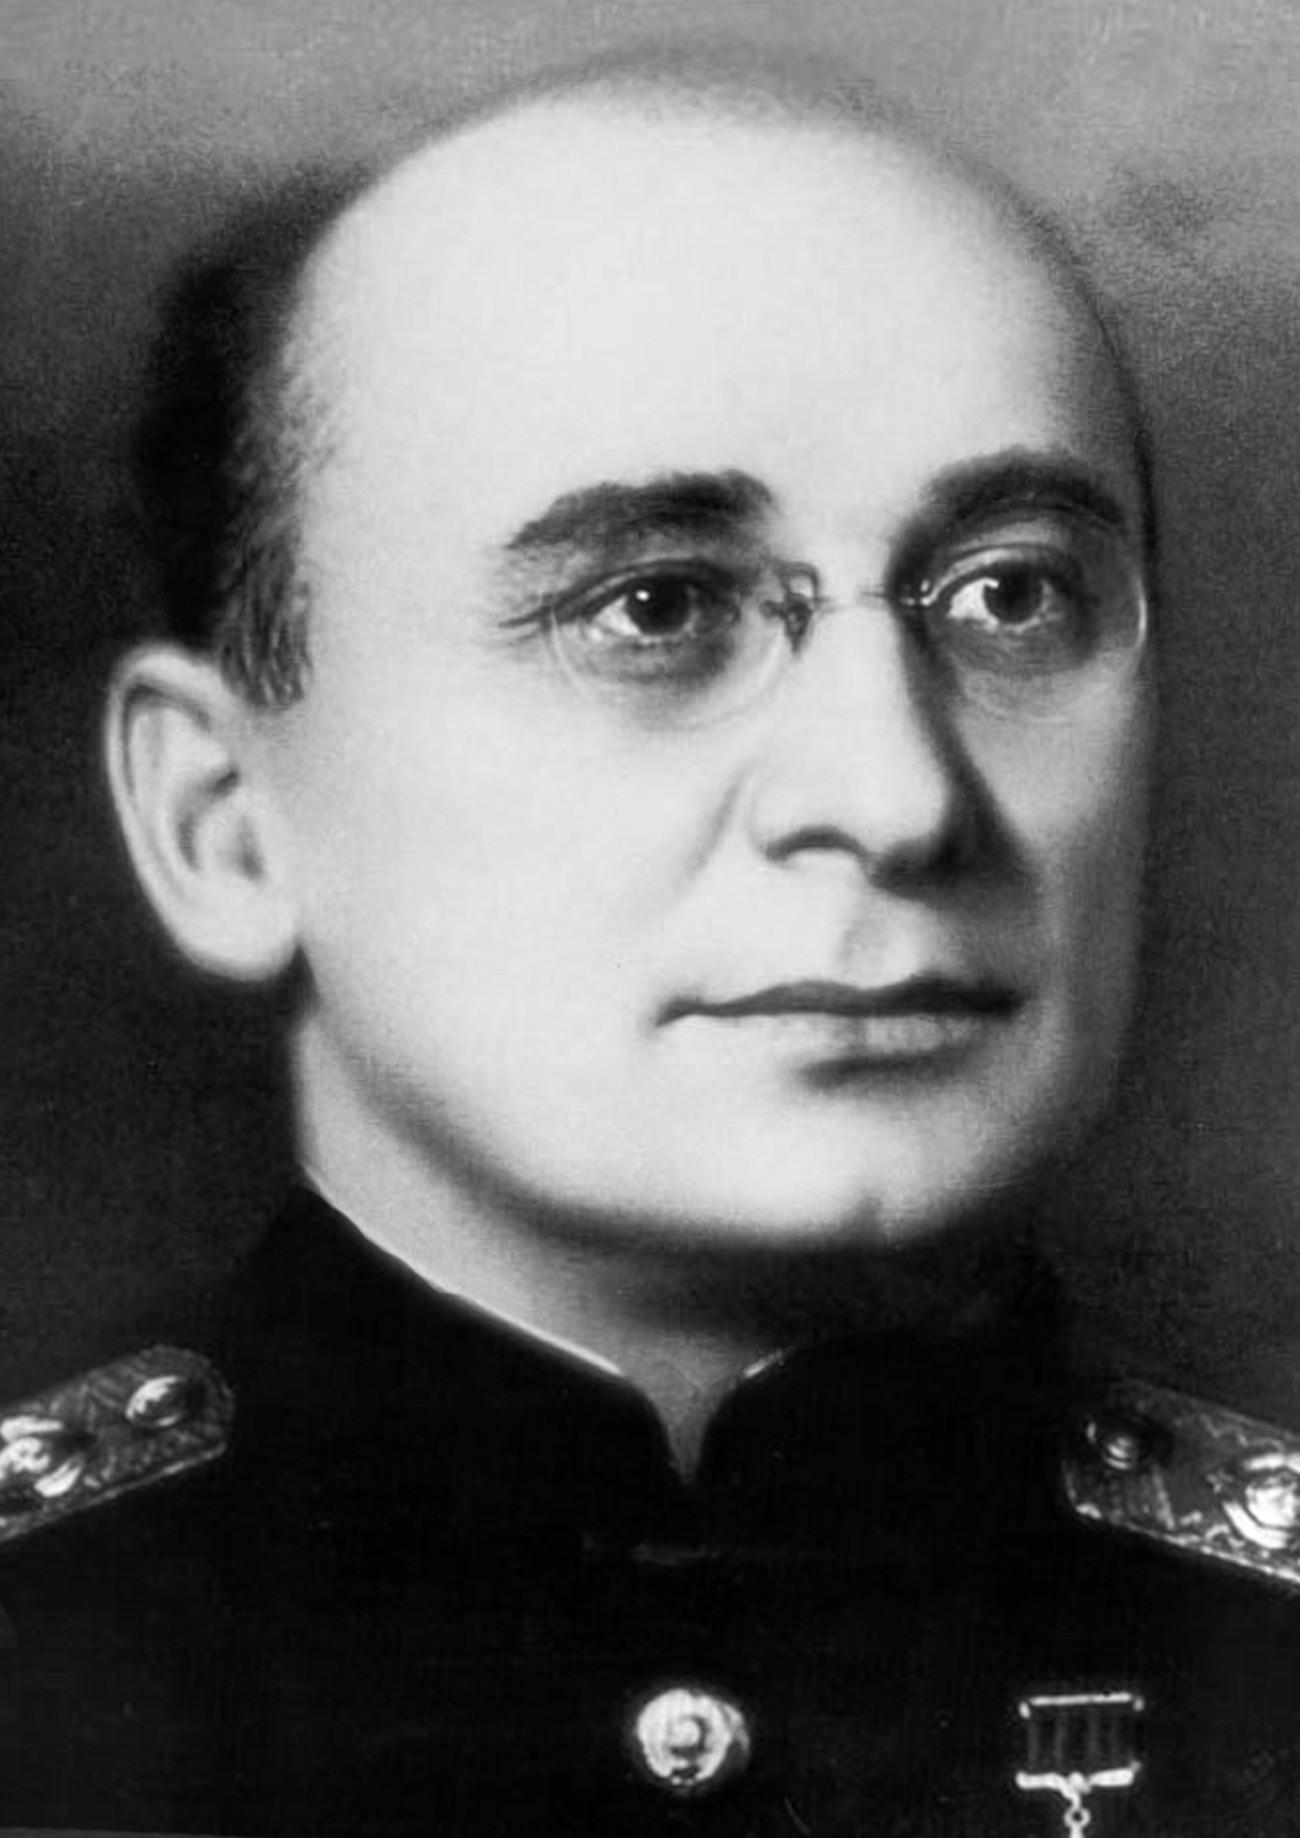 Исечок од фотографија со Лаврентиј Павлович Берија, народен комесар за внатрешни работи на СССР.